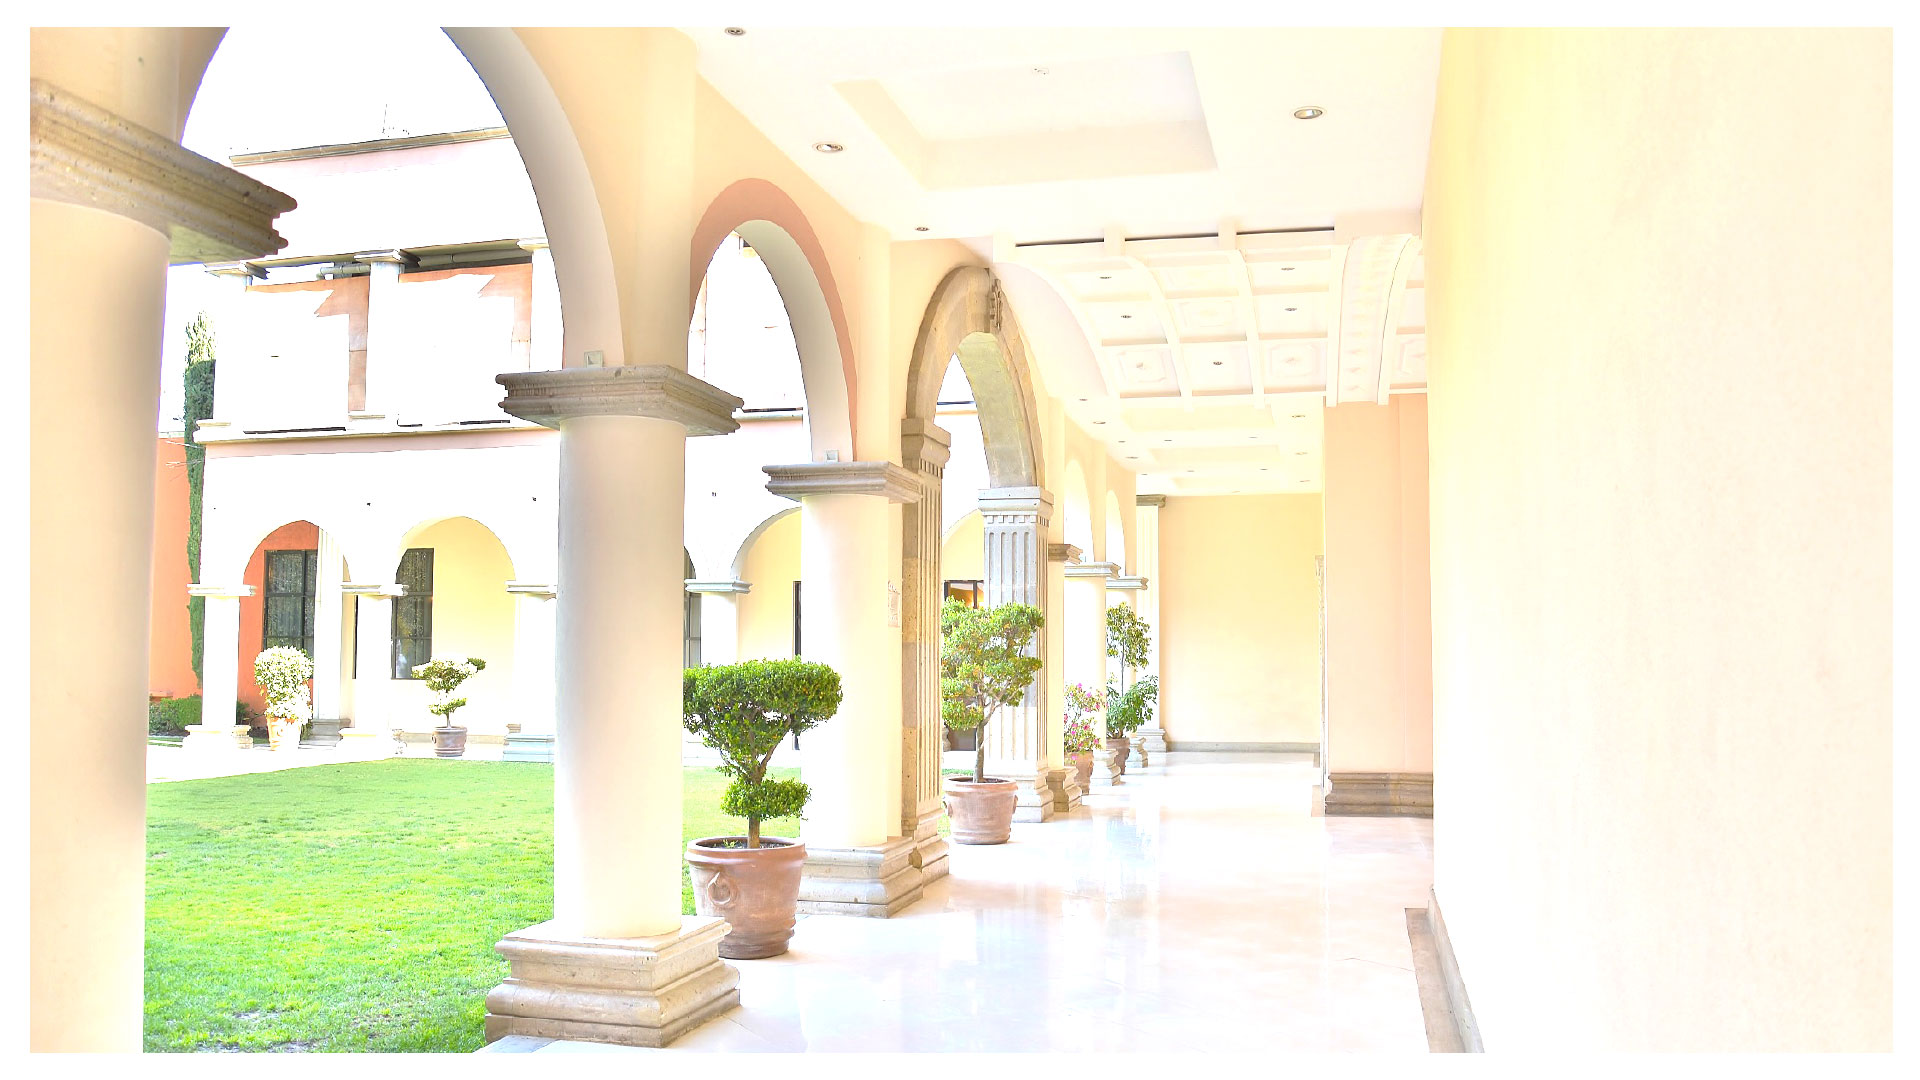 Salón Anturios - Anturios Salón y Jardín Toluca, Estado de México